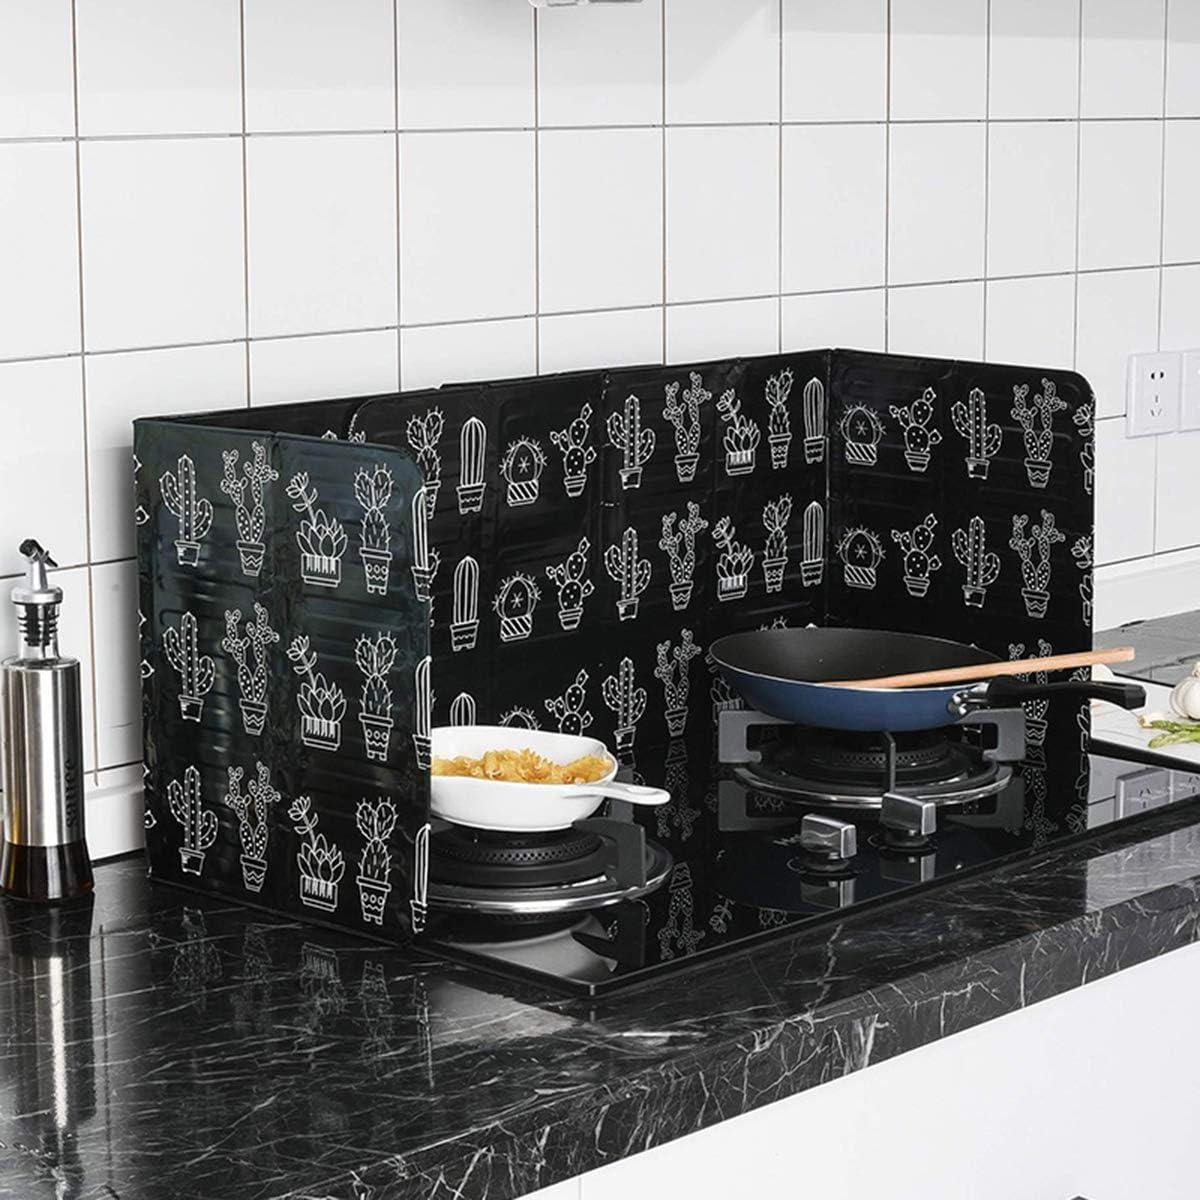 iFCOW Placa de Deflector de Aceite de Cocina de 3 Lados de cocción aislada a Prueba de Salpicaduras de Aceite de eliminación de la Placa de Deflector ...